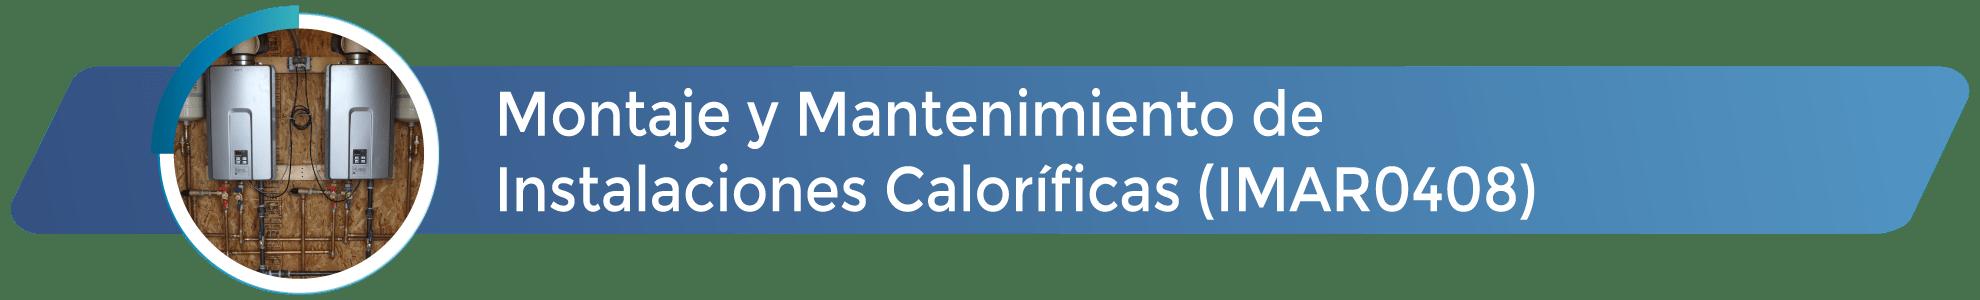 IMAR0408 - Montaje y mantenimiento de instalaciones caloríficas